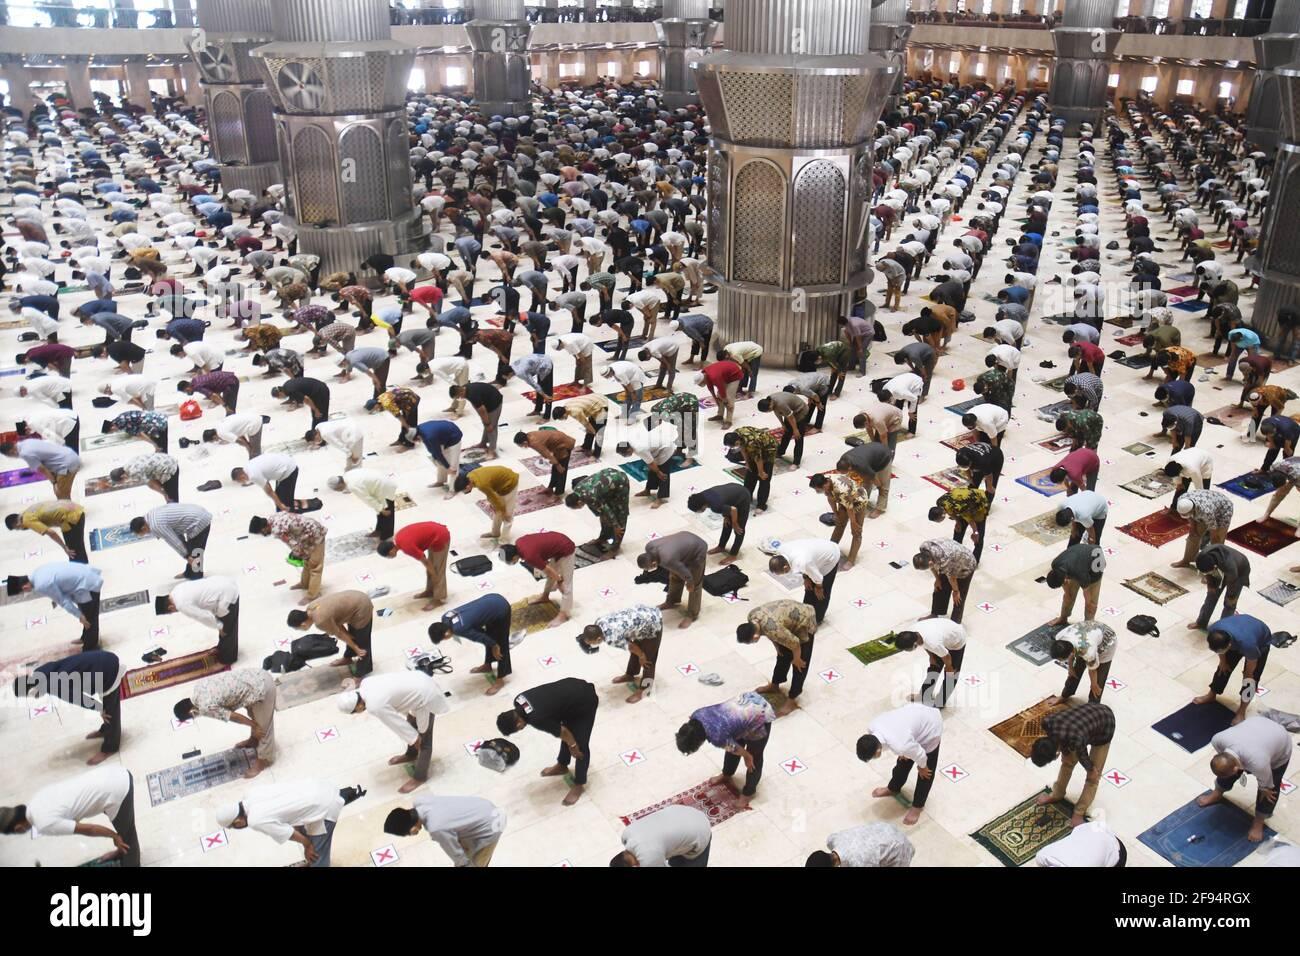 (210416) -- GIACARTA, 16 aprile 2021 (Xinhua) -- i musulmani partecipano alla preghiera del primo venerdì di mezzogiorno con distanza sociale durante il mese santo di Ramadan alla Moschea Istiqlal a Giacarta, Indonesia, il 16 aprile 2021. (Foto Dasril Roszandi/Xinhua) Foto Stock